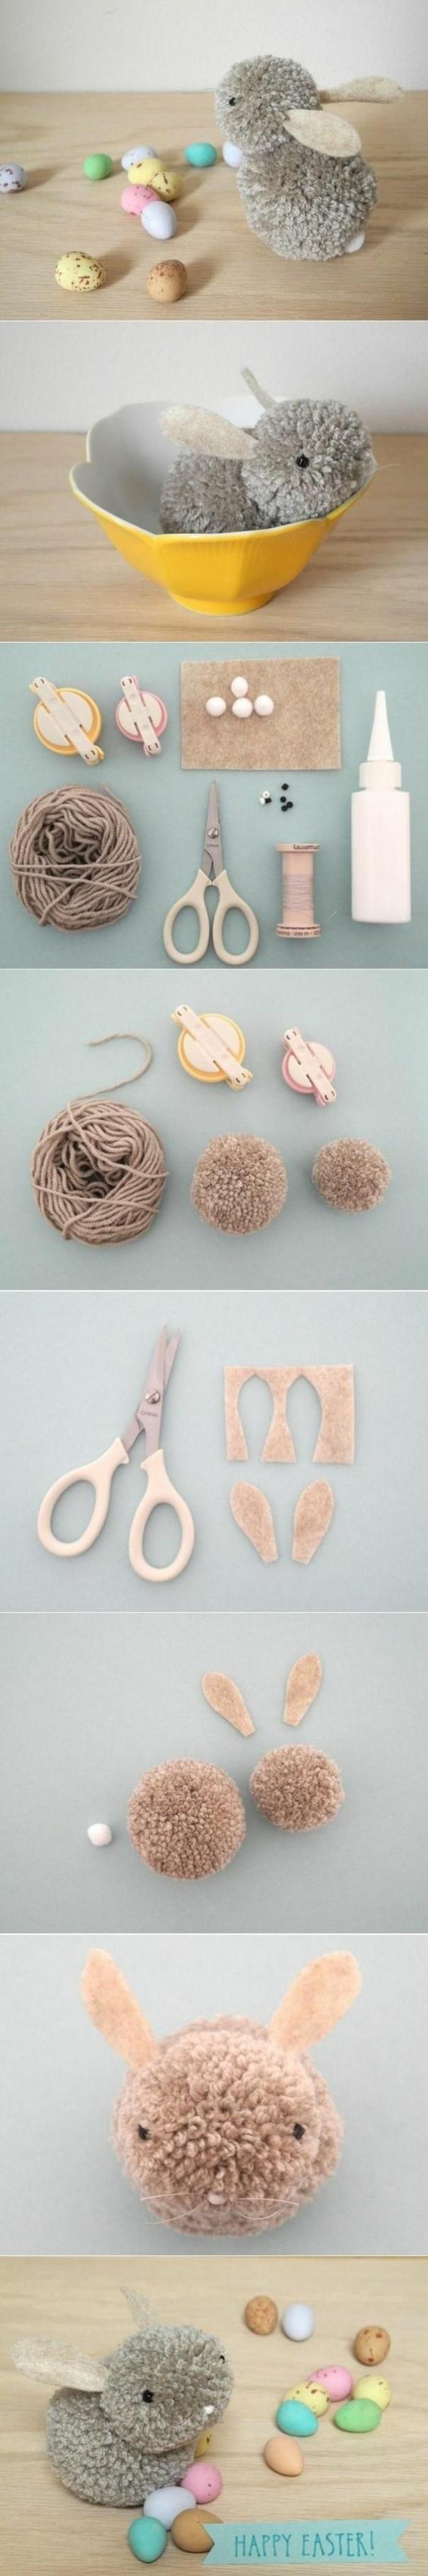 ideas sobre cómo hacer manualidades de lana, tutoriales de manualidades para niños faciles y rapidos paso a paso